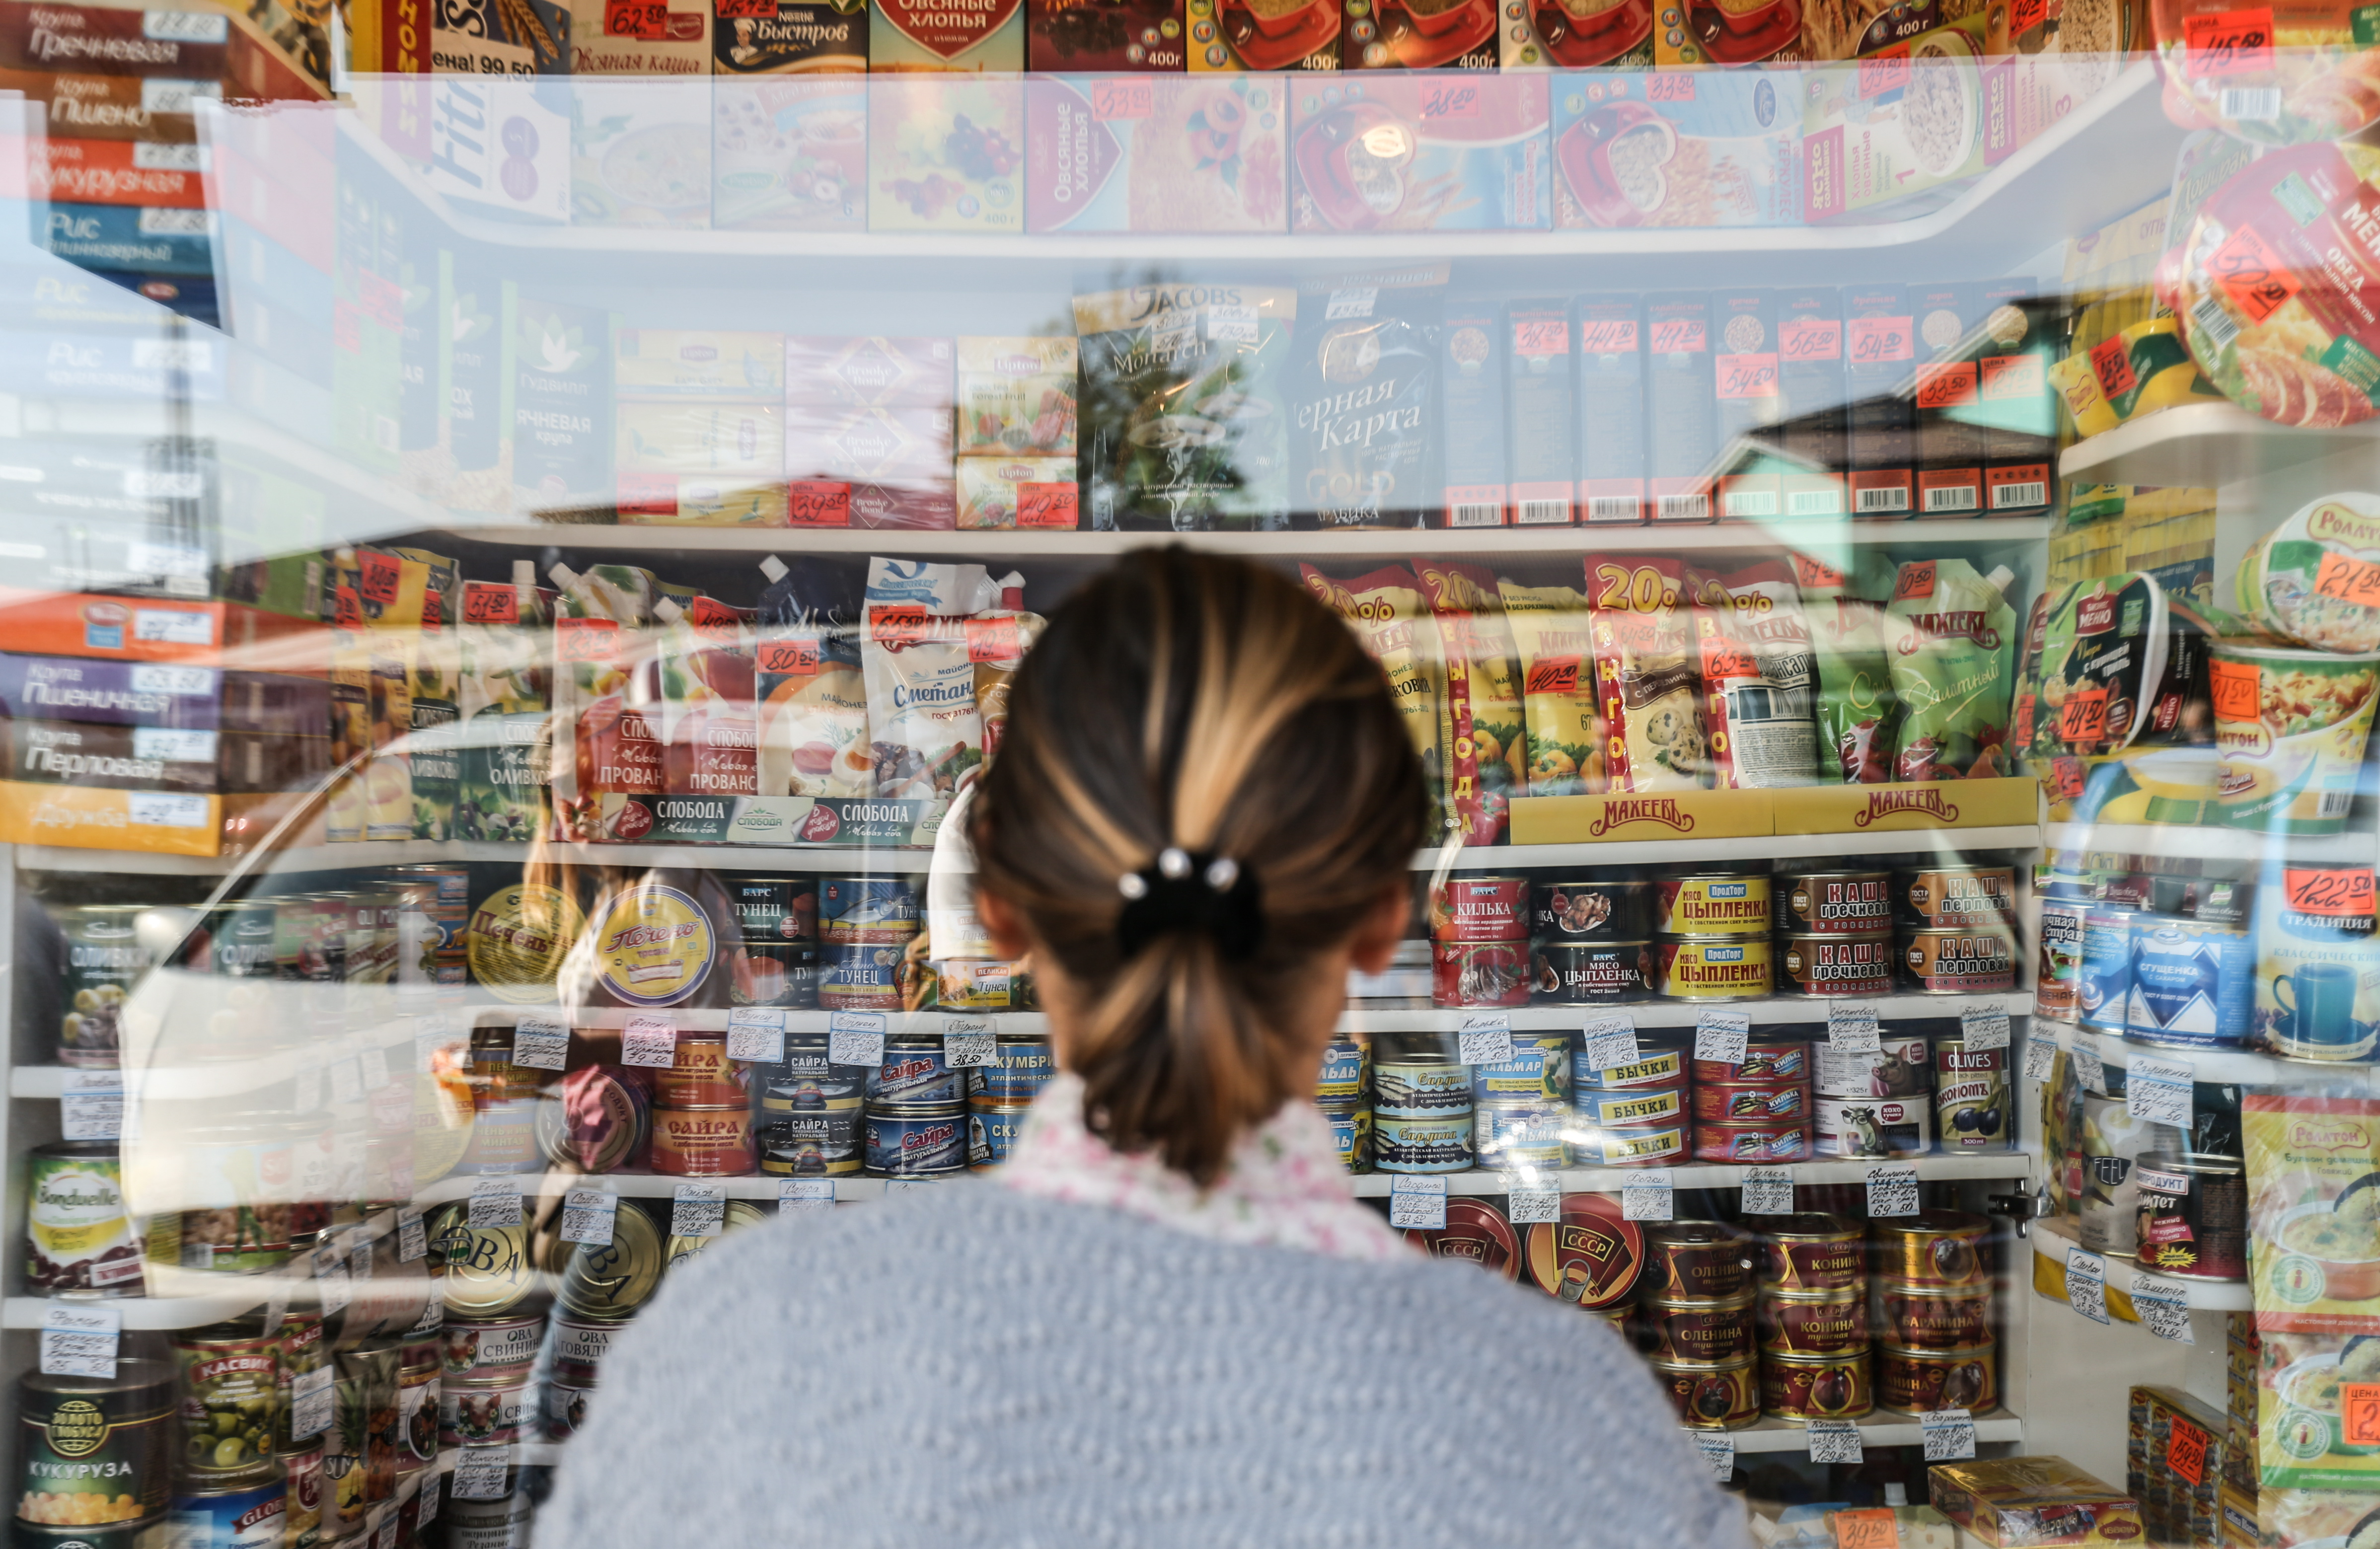 Предупрежден – значит вооружен: проверьте, насколько хорошо вы знакомы с правами потребителей